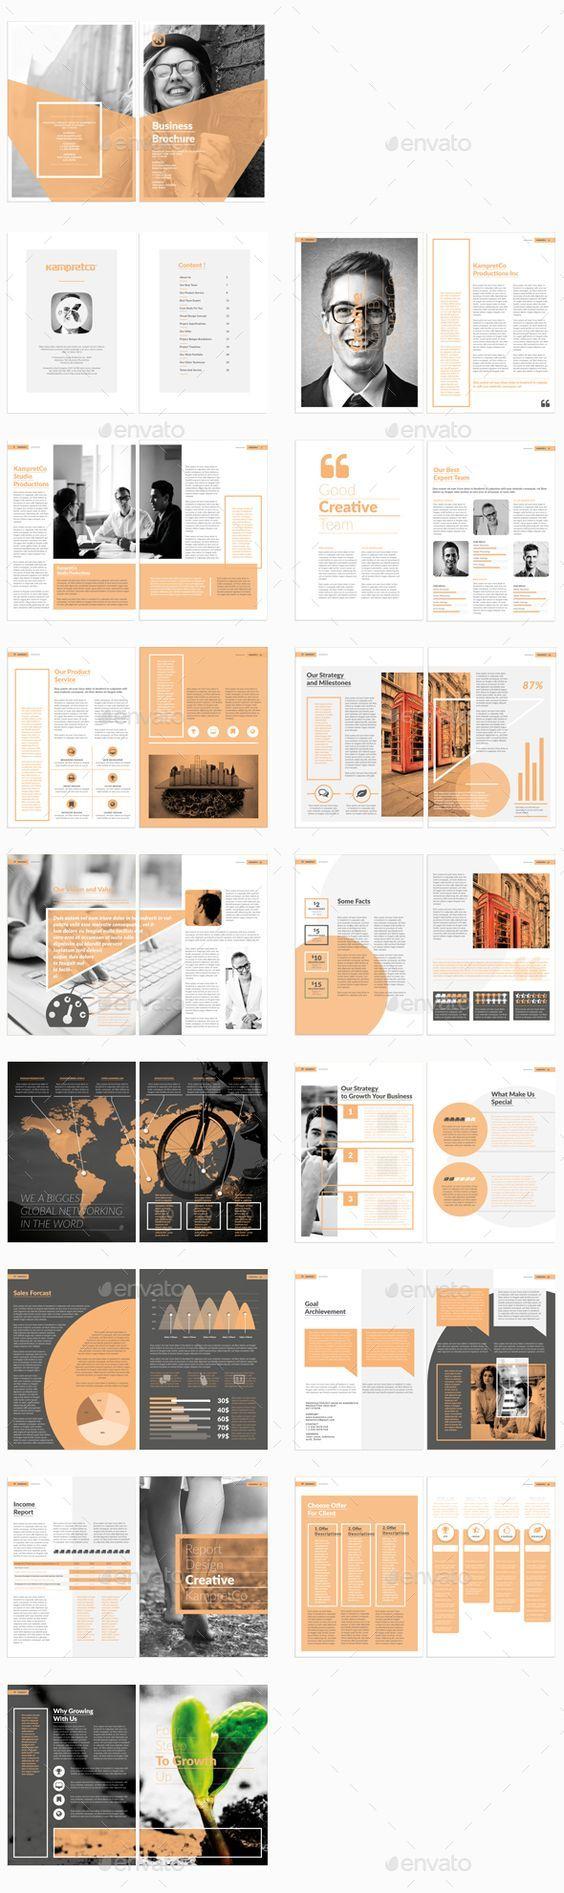 Brochure Template InDesign INDD #design Download: http://graphicriver.net/item/brochure/13854635?ref=ksioks: